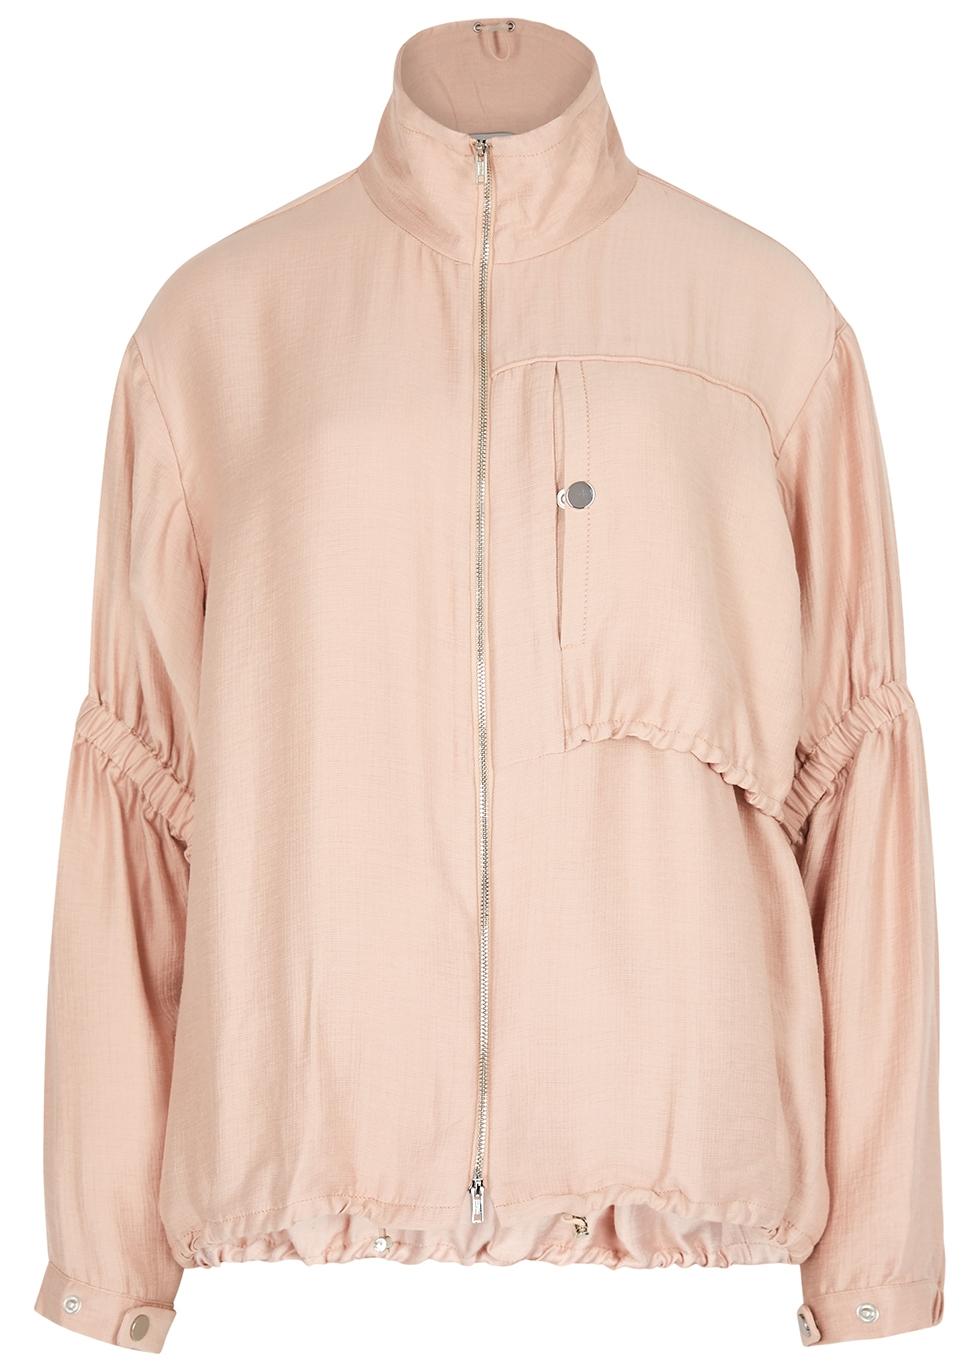 Blush ruched gauze jacket - 3.1 Phillip Lim